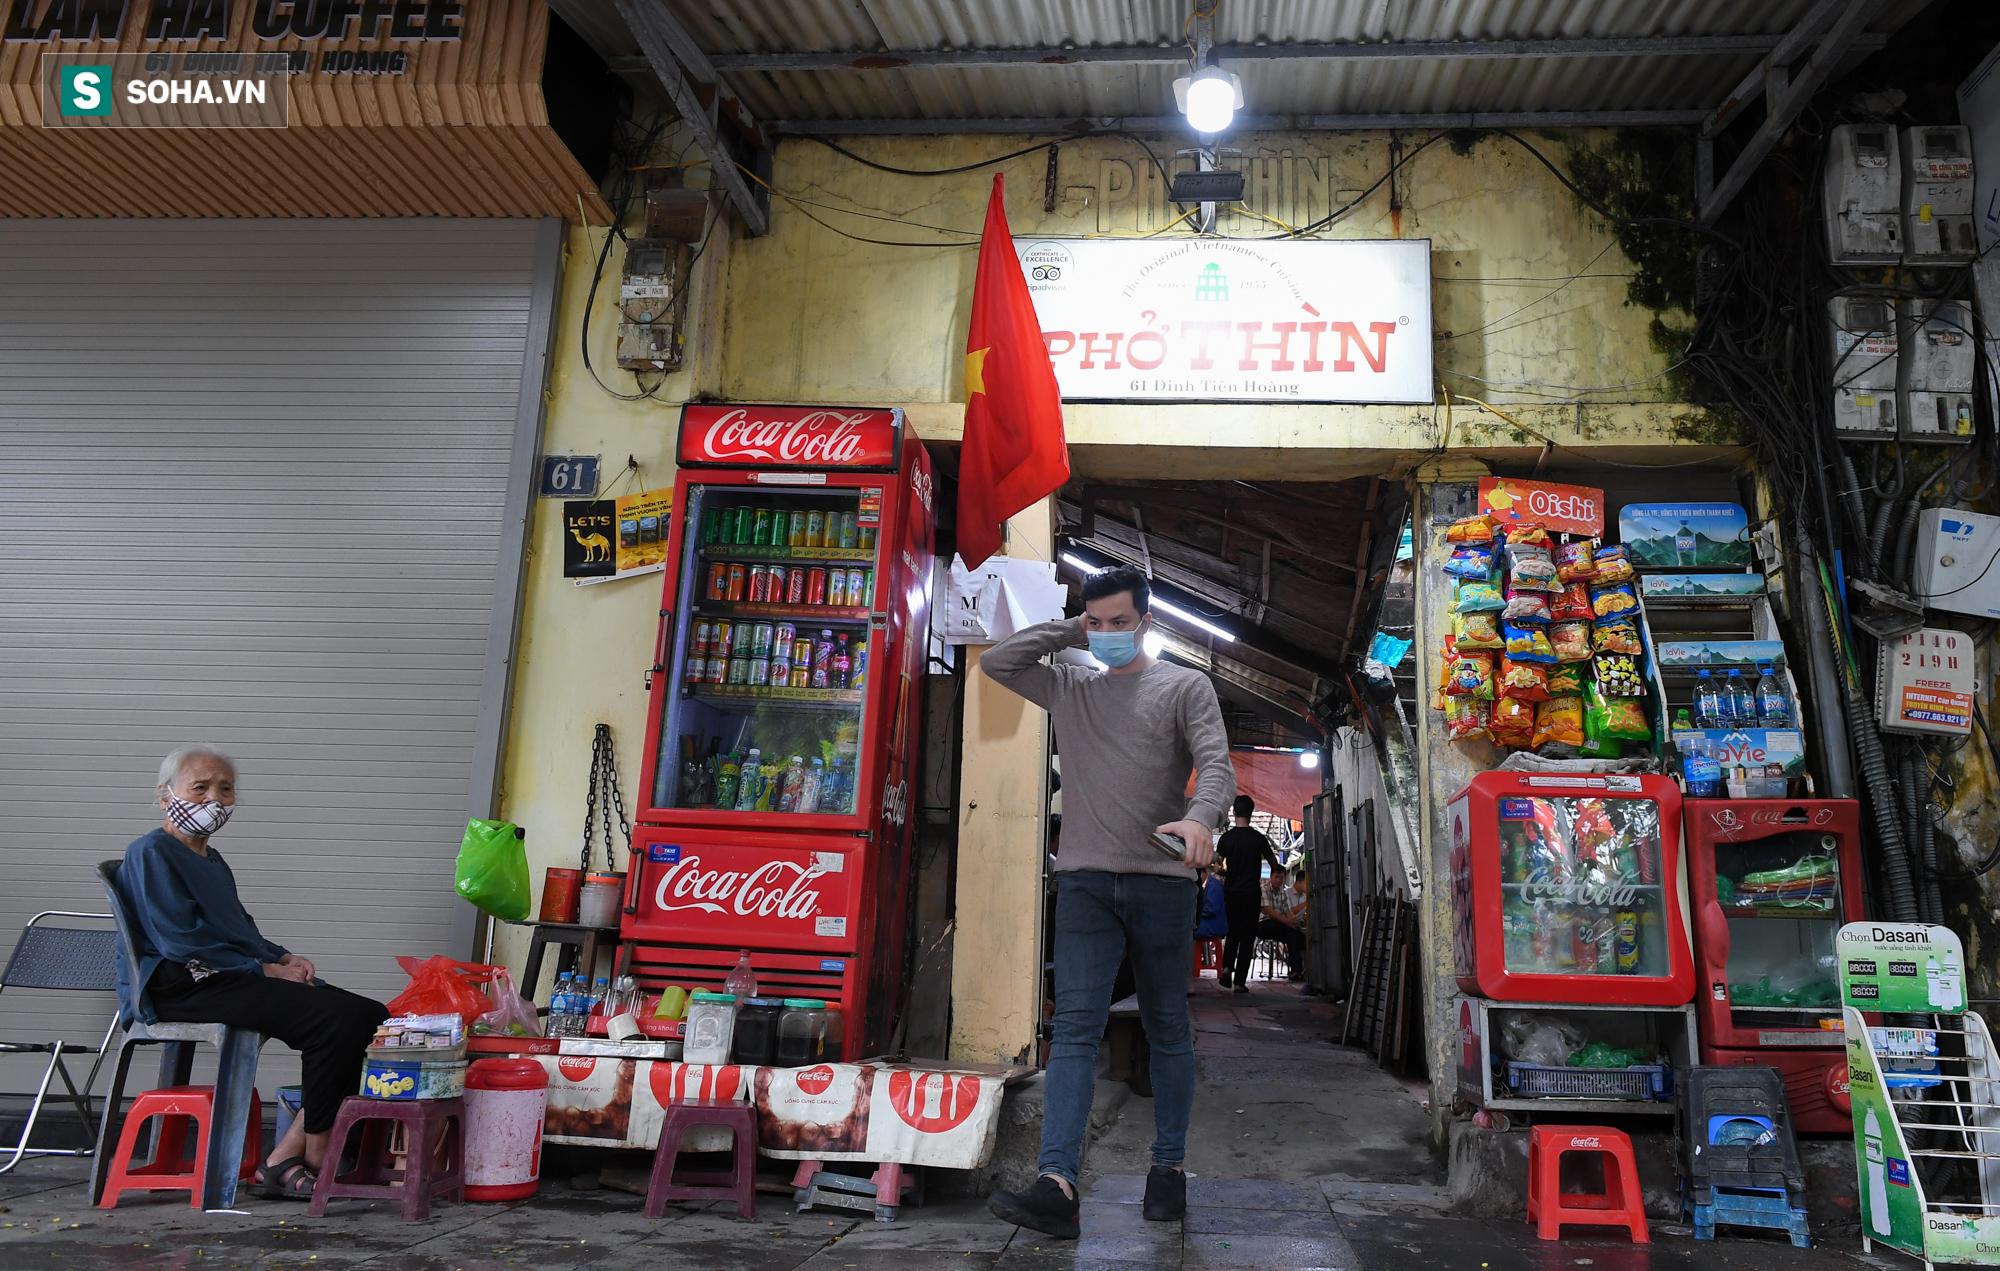 Chủ tịch hội đồng quản trị, tổng giám đốc đi từ Bắc Ninh ra Hà Nội ăn phở cho đã cơn thèm rồi lại đi về - Ảnh 1.